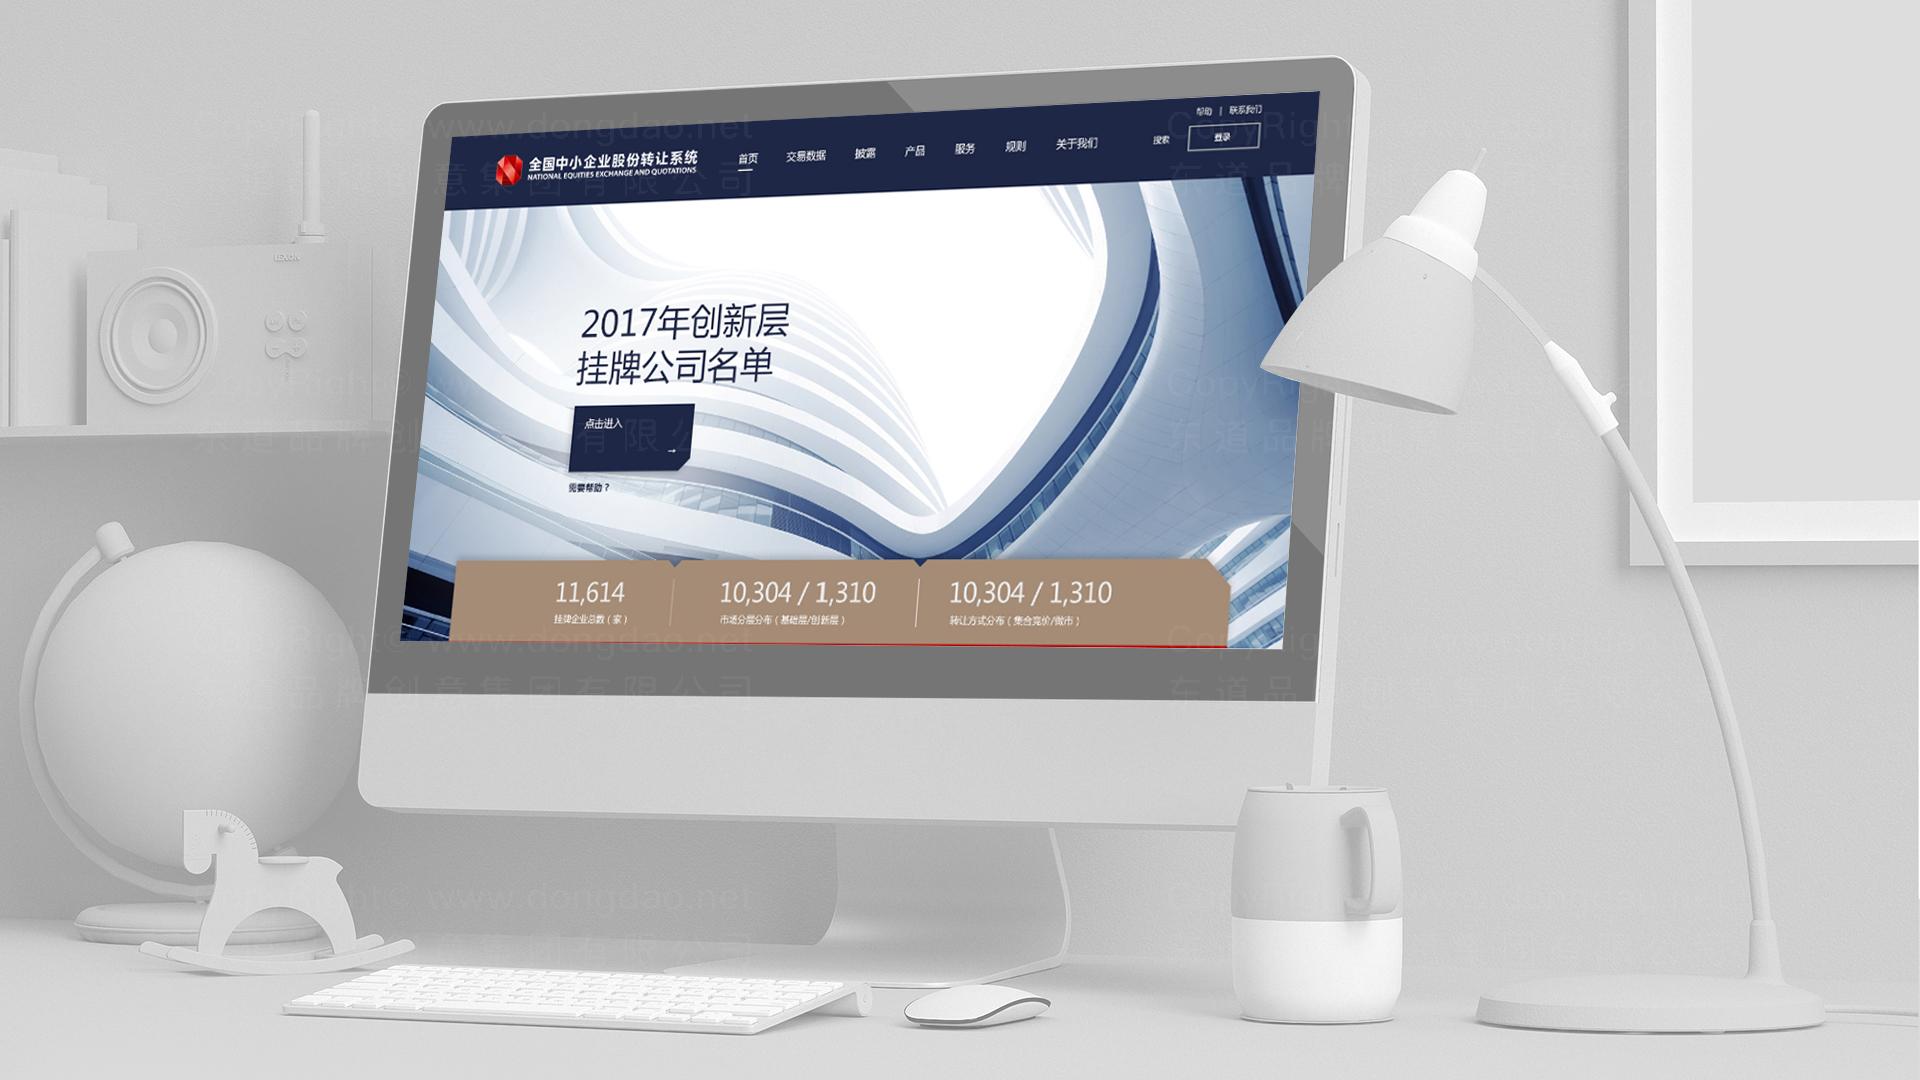 东道数字新三板网站视觉设计应用场景_1